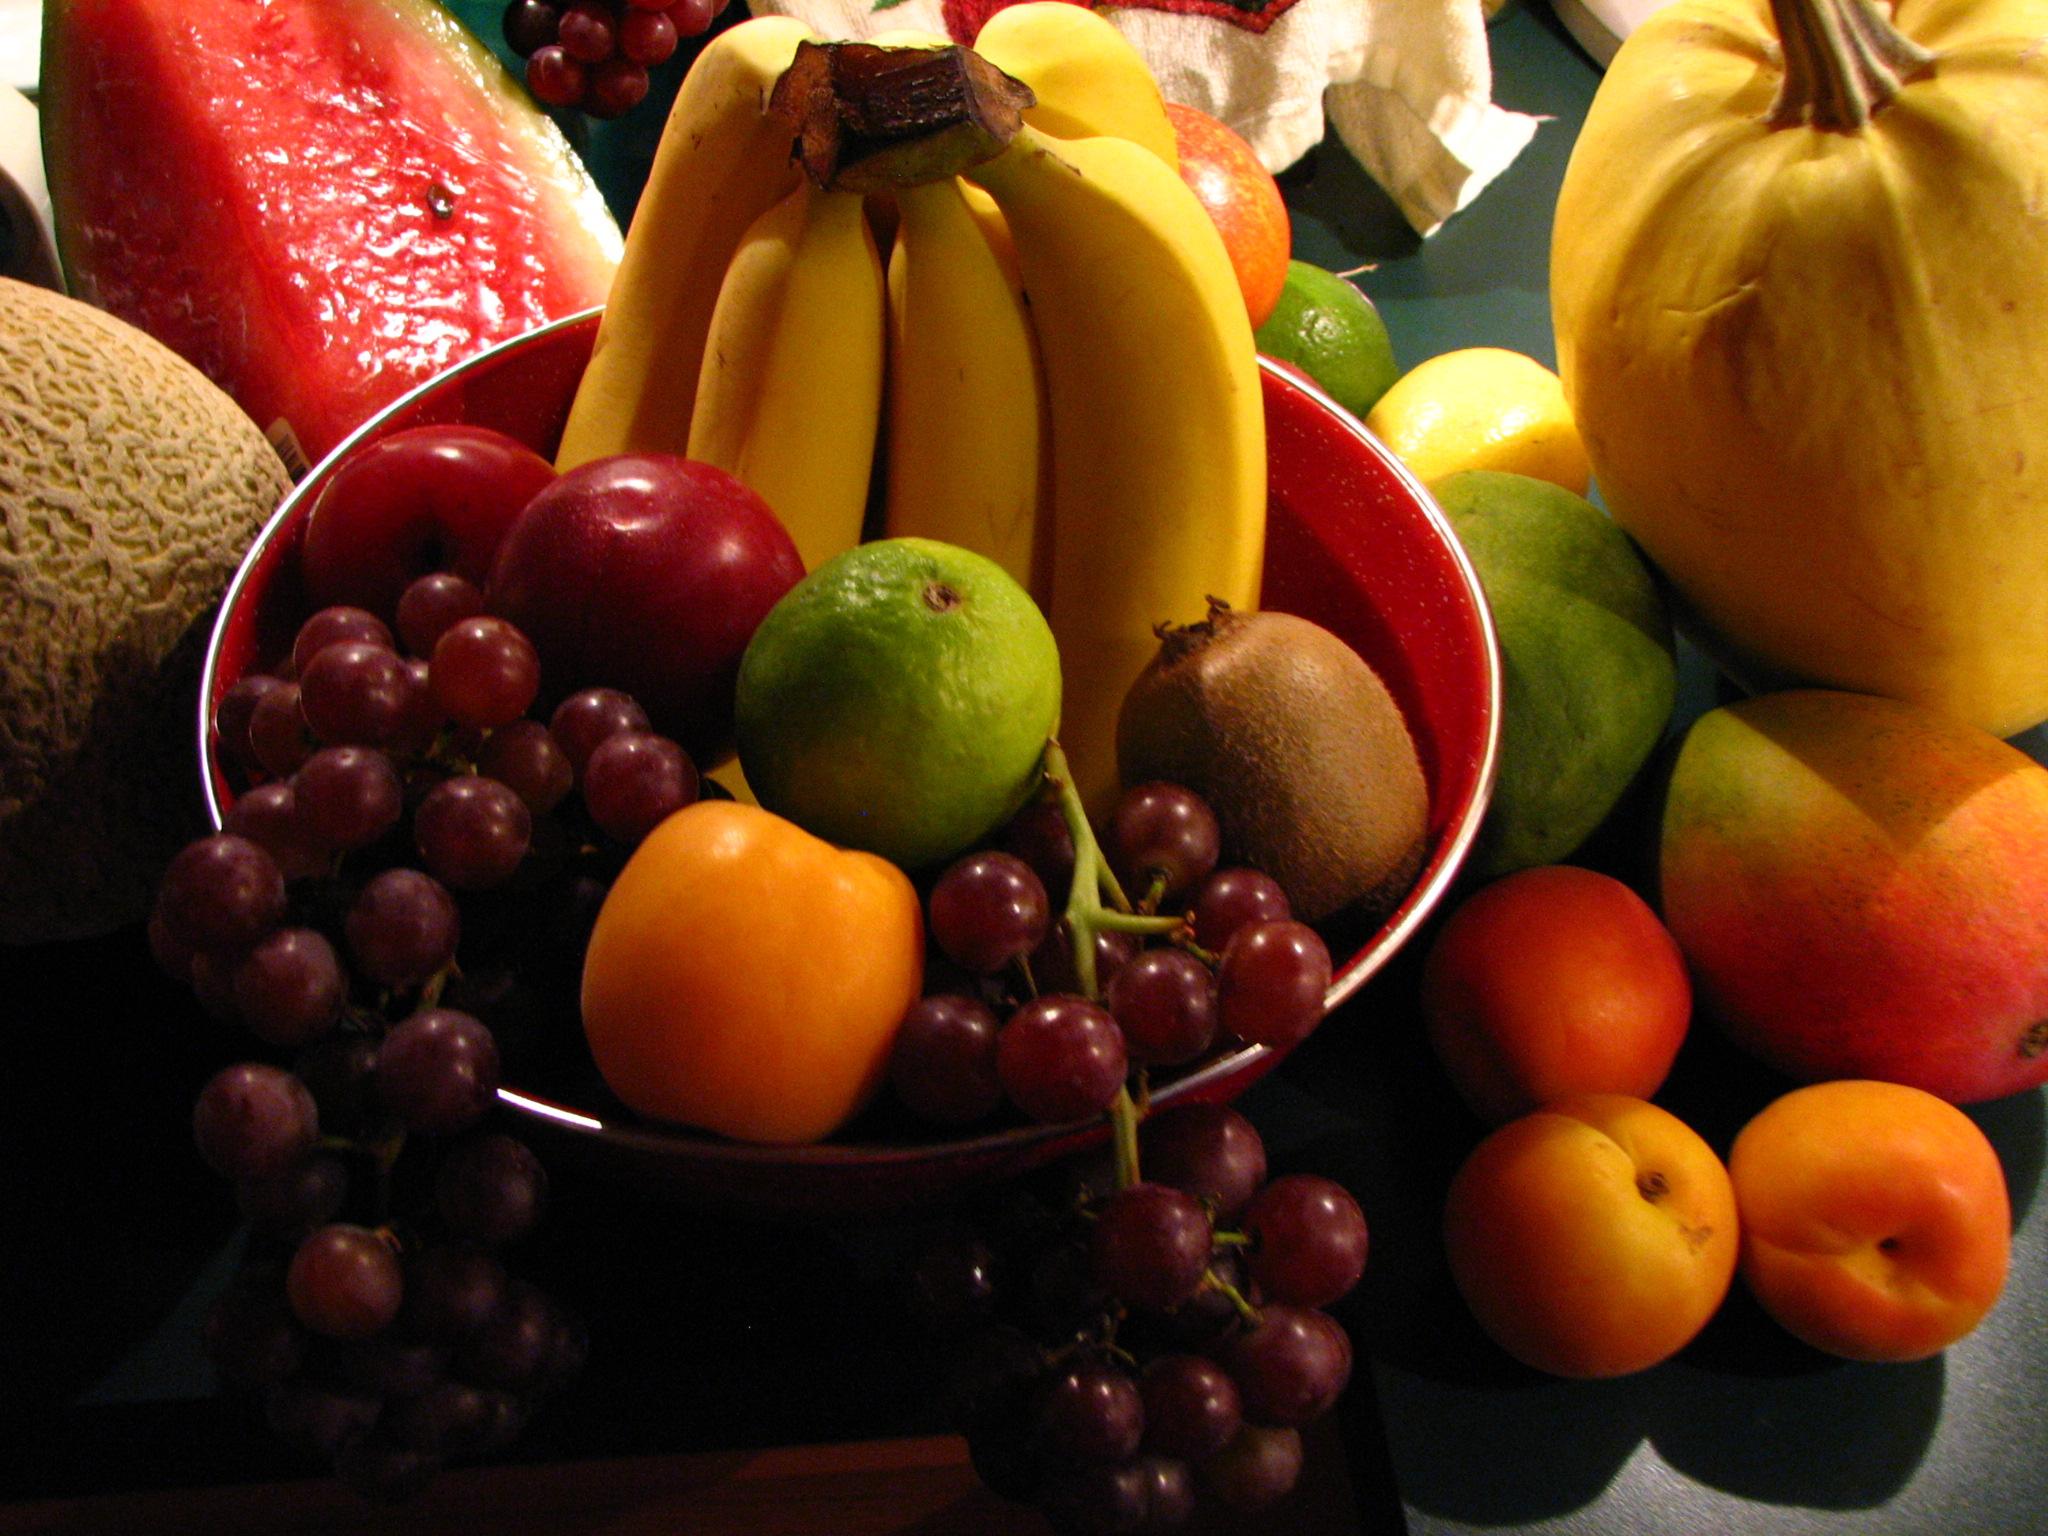 Come organizzare la cucina per mangiare in modo sano